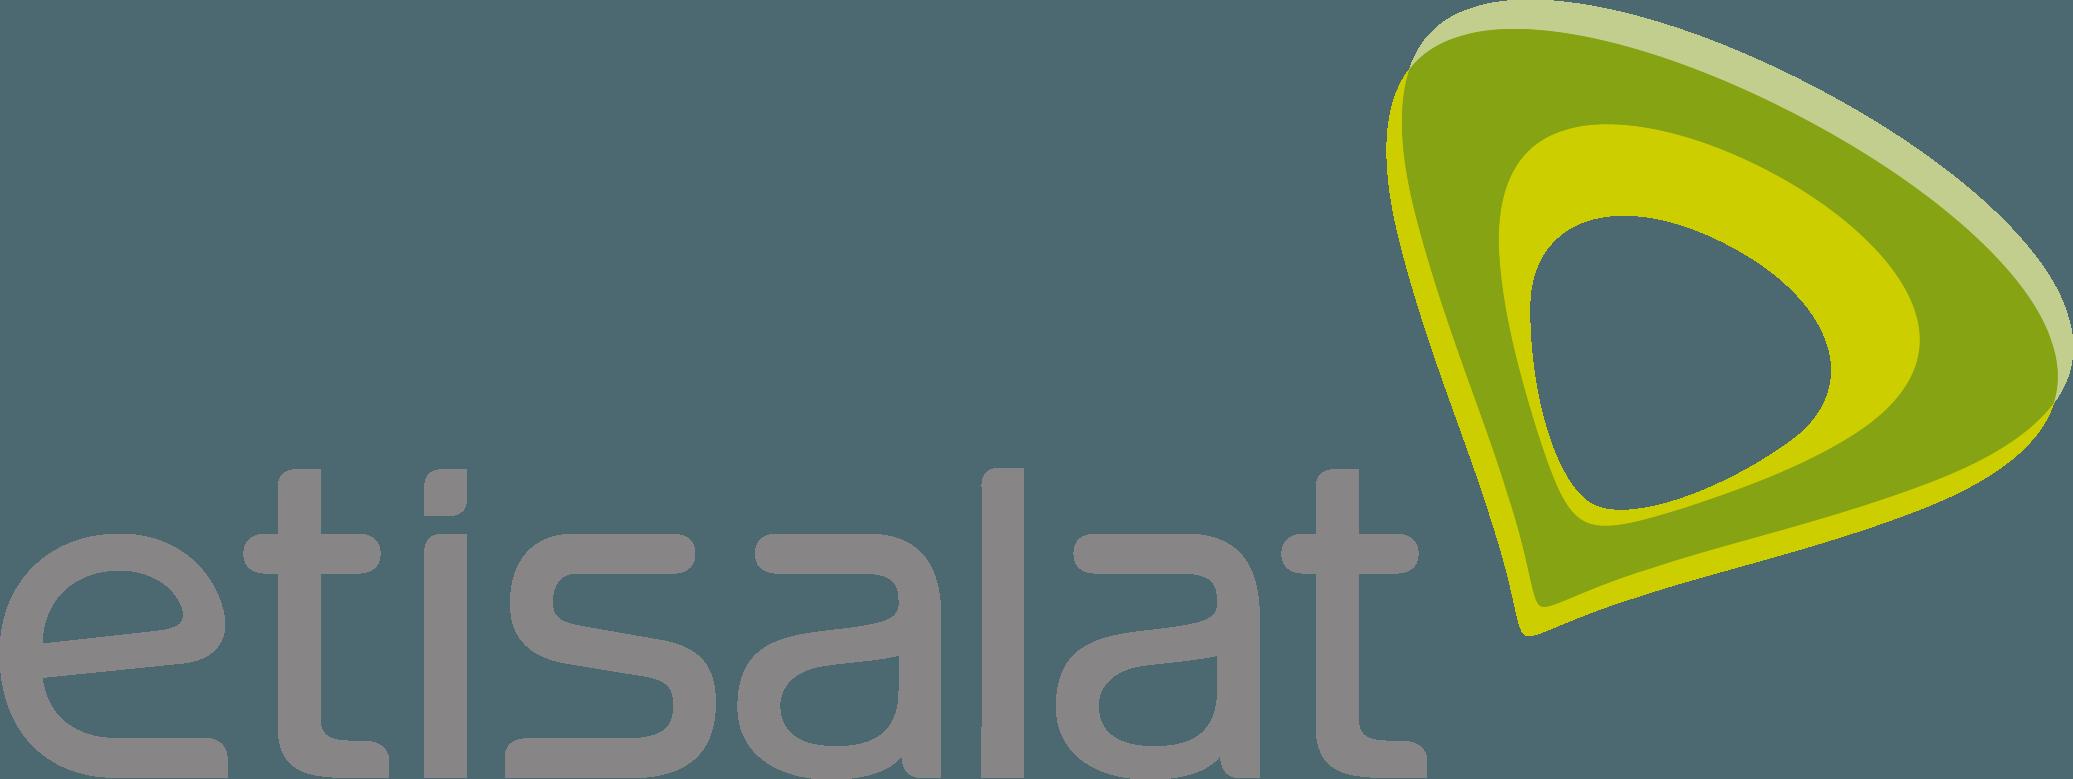 Etisalat Logo Download Vector.